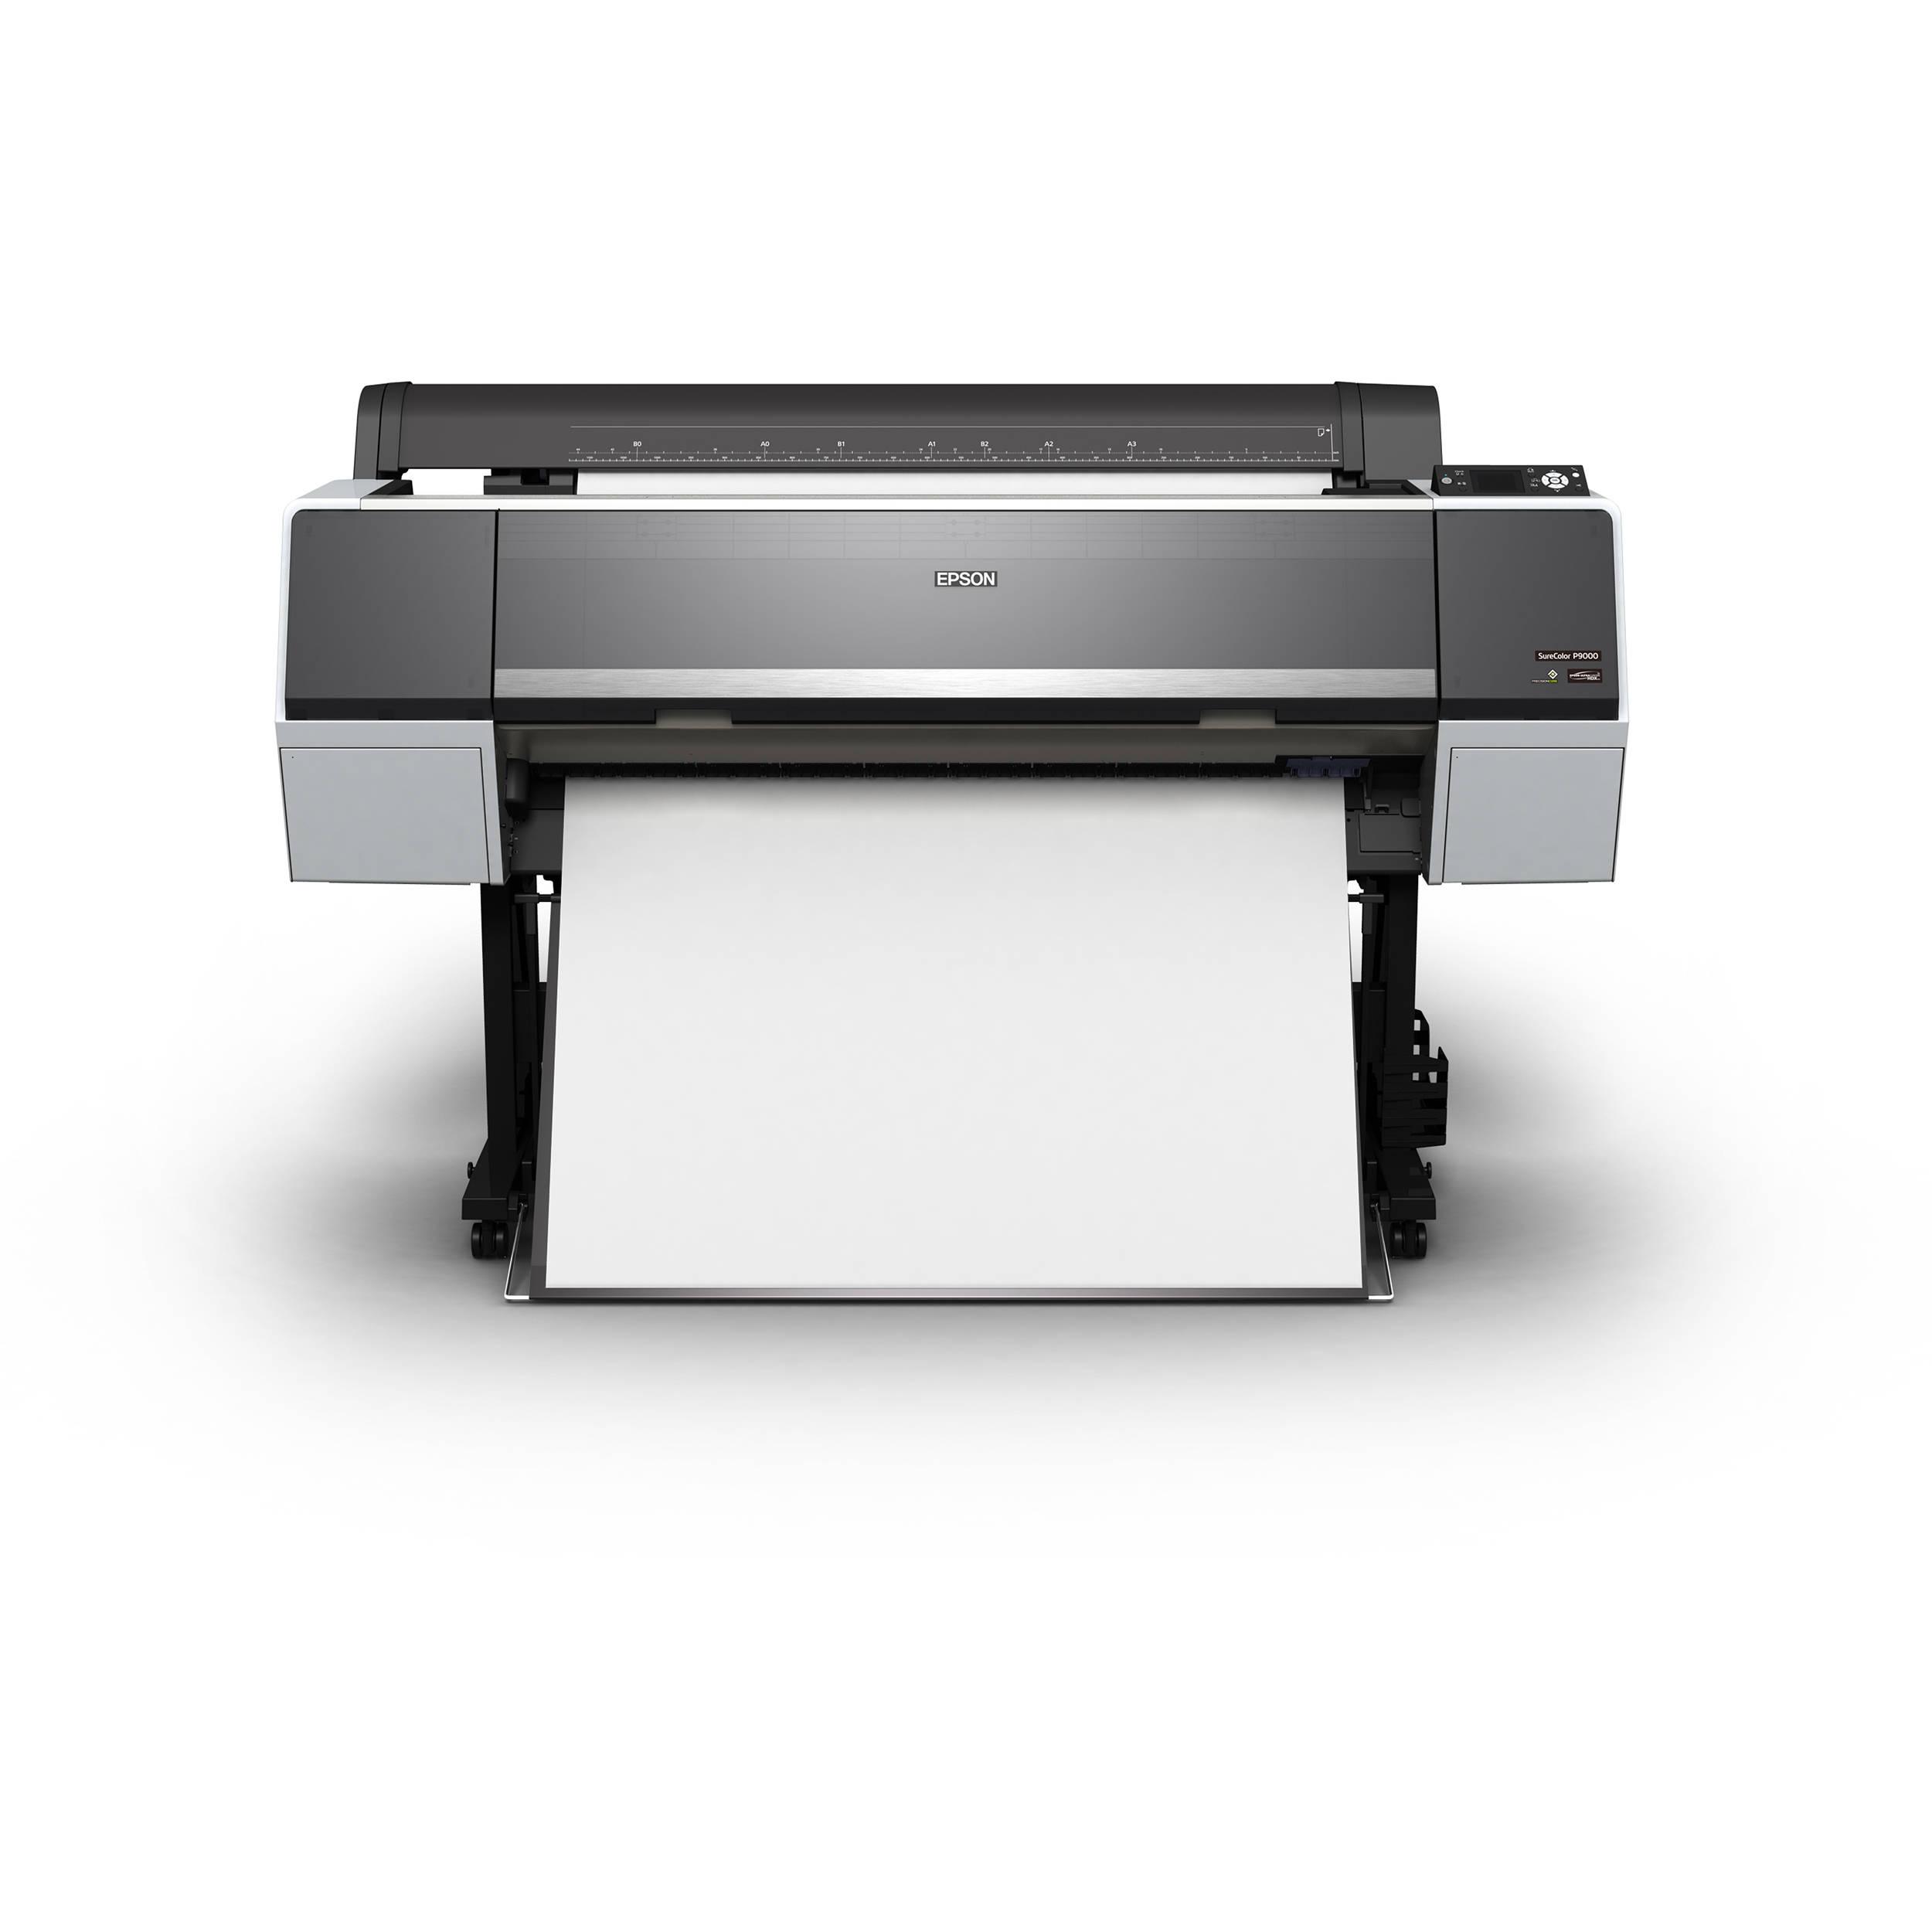 Epson SureColor P9000 Commercial Edition 44